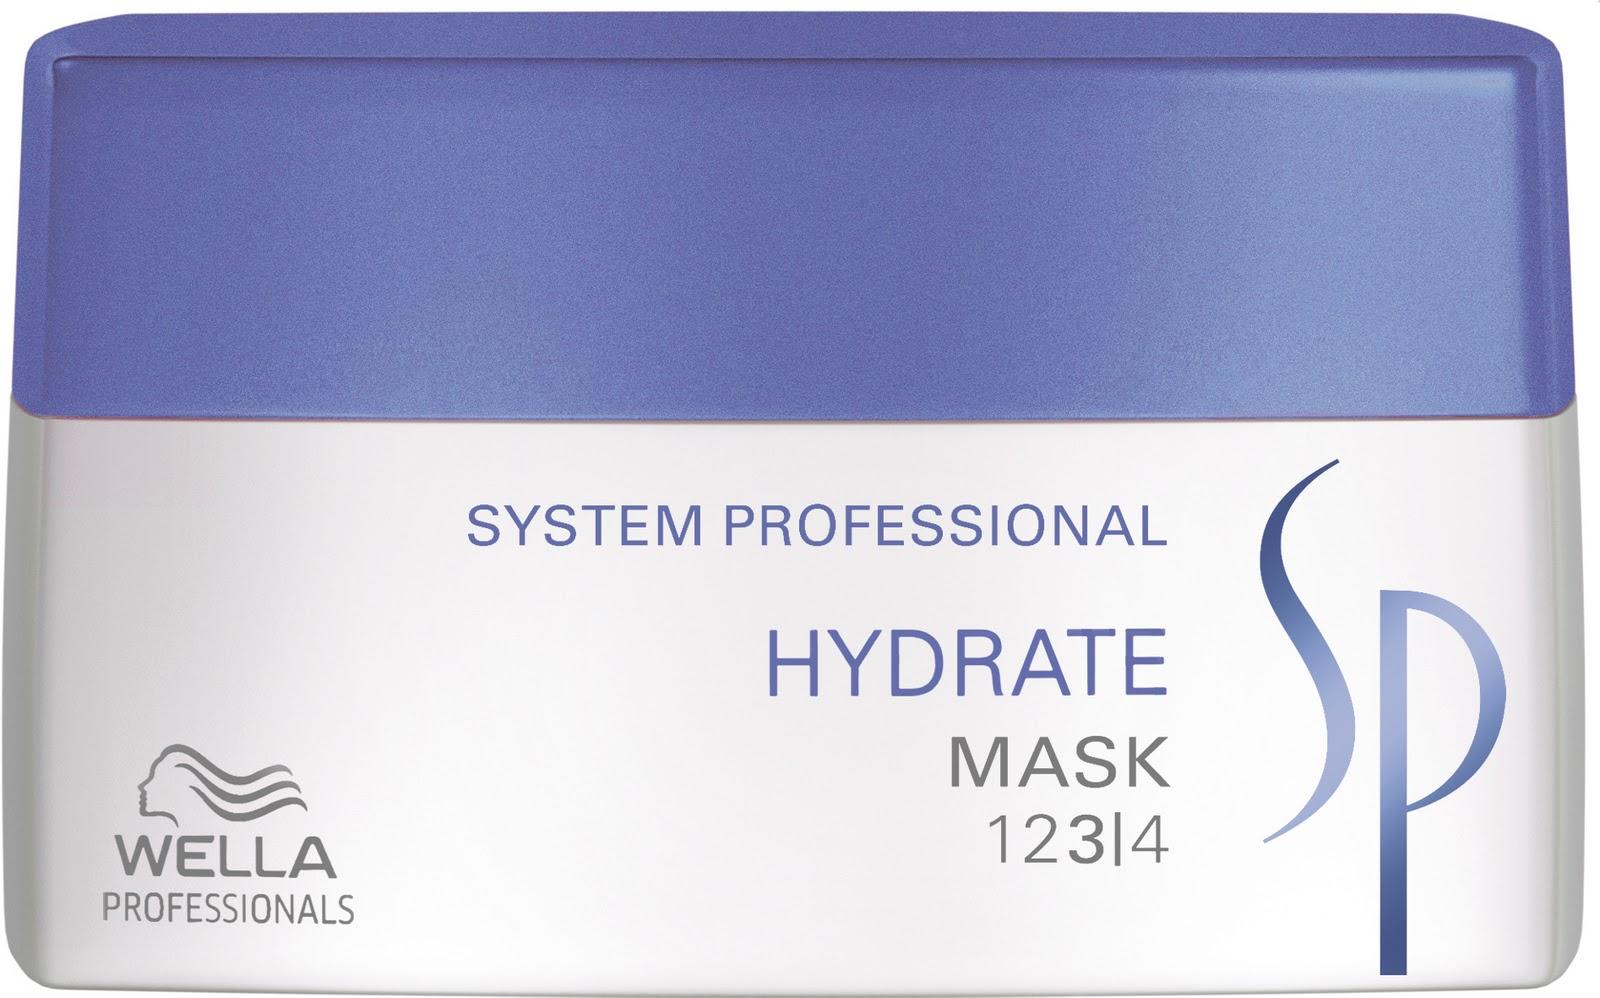 Wella SP Увлажняющая маска Hydrate Mask, 400 мл81386748Wella SP Hydrate Mask предназначена для интенсивного увлажнения волос. Средство разработано для cухой кожи головы. Благодаря глюкозе, глицерину и пантенолу, которые входят в состав Wella SP Hydrate Mask, средство предотвращает пересыхание волос и придает локонам эластичность.